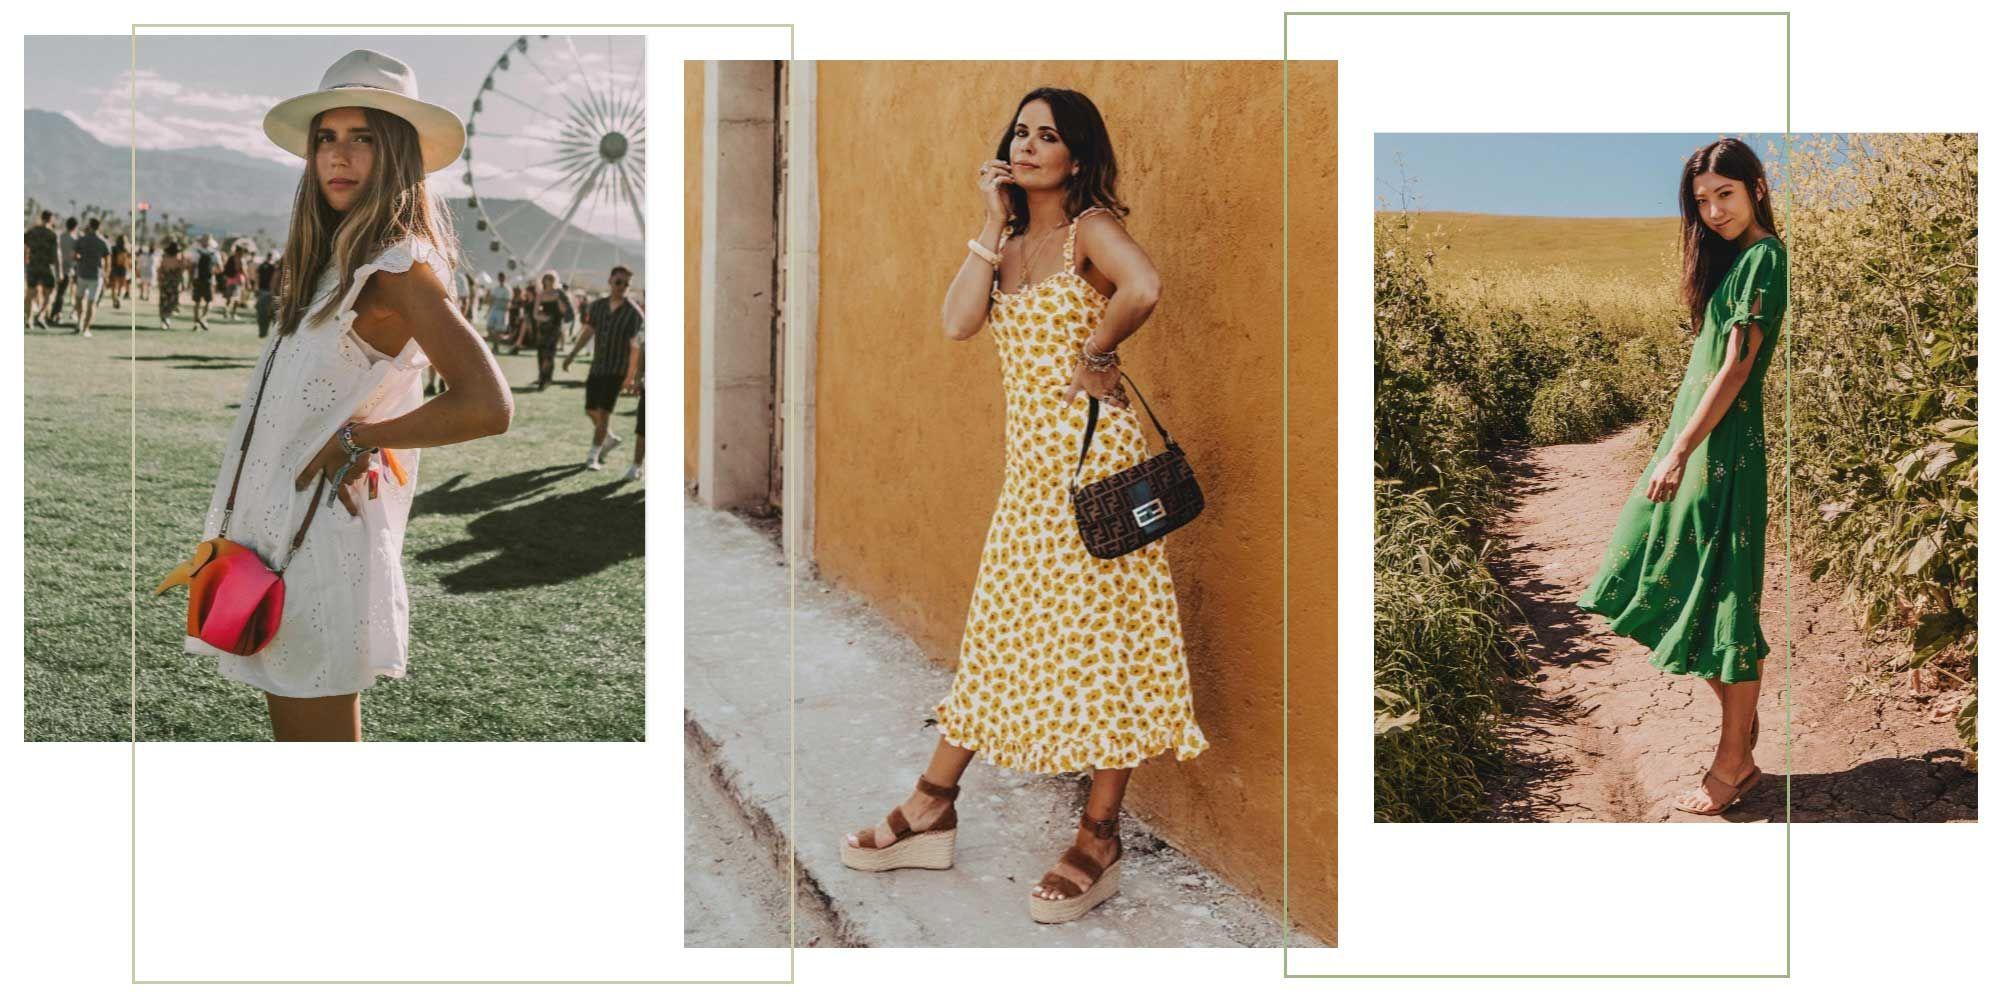 d2d2a2c6c Los vestidos de verano más bonitos de Instagram - Vestidos de verano 2019